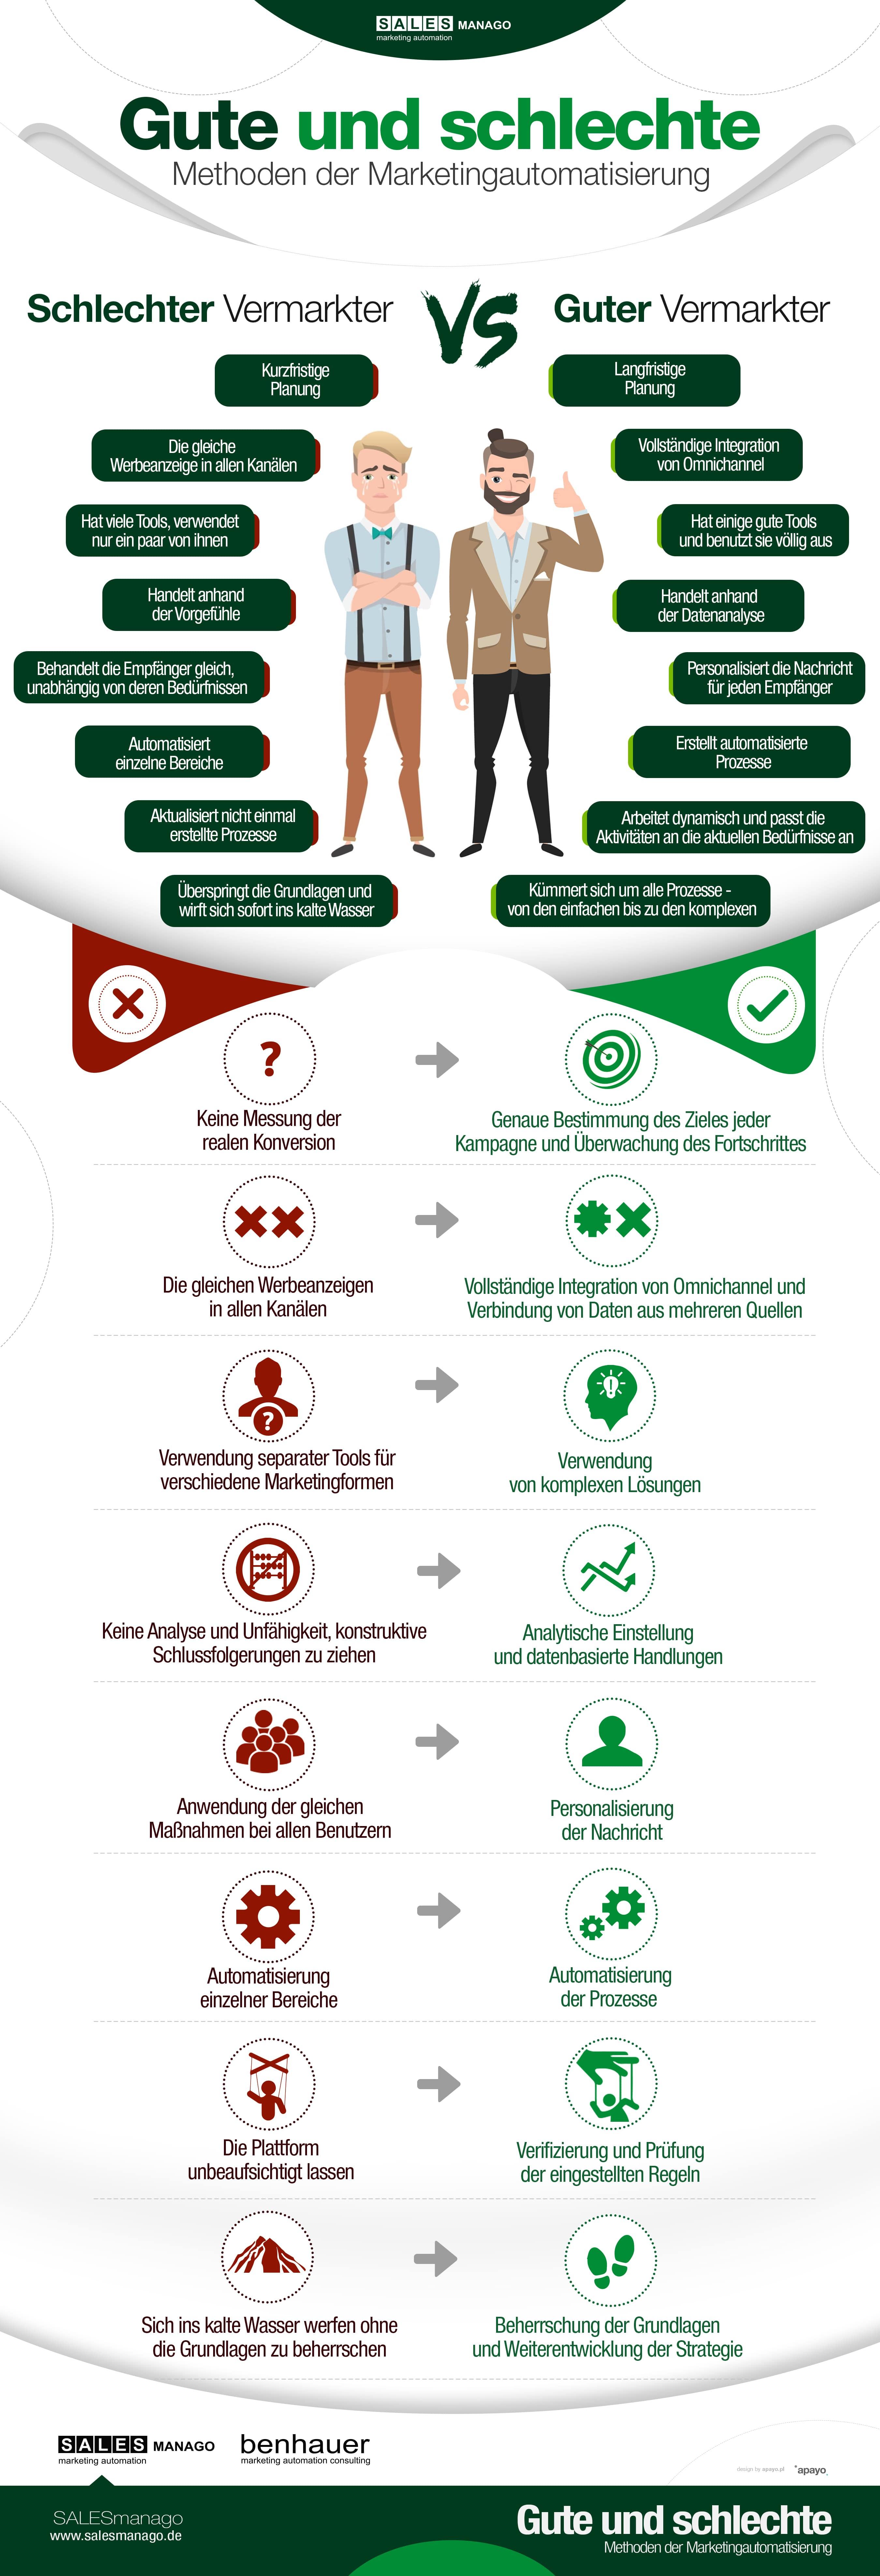 Gute und schlechte Methoden der Marketingautomatisierung